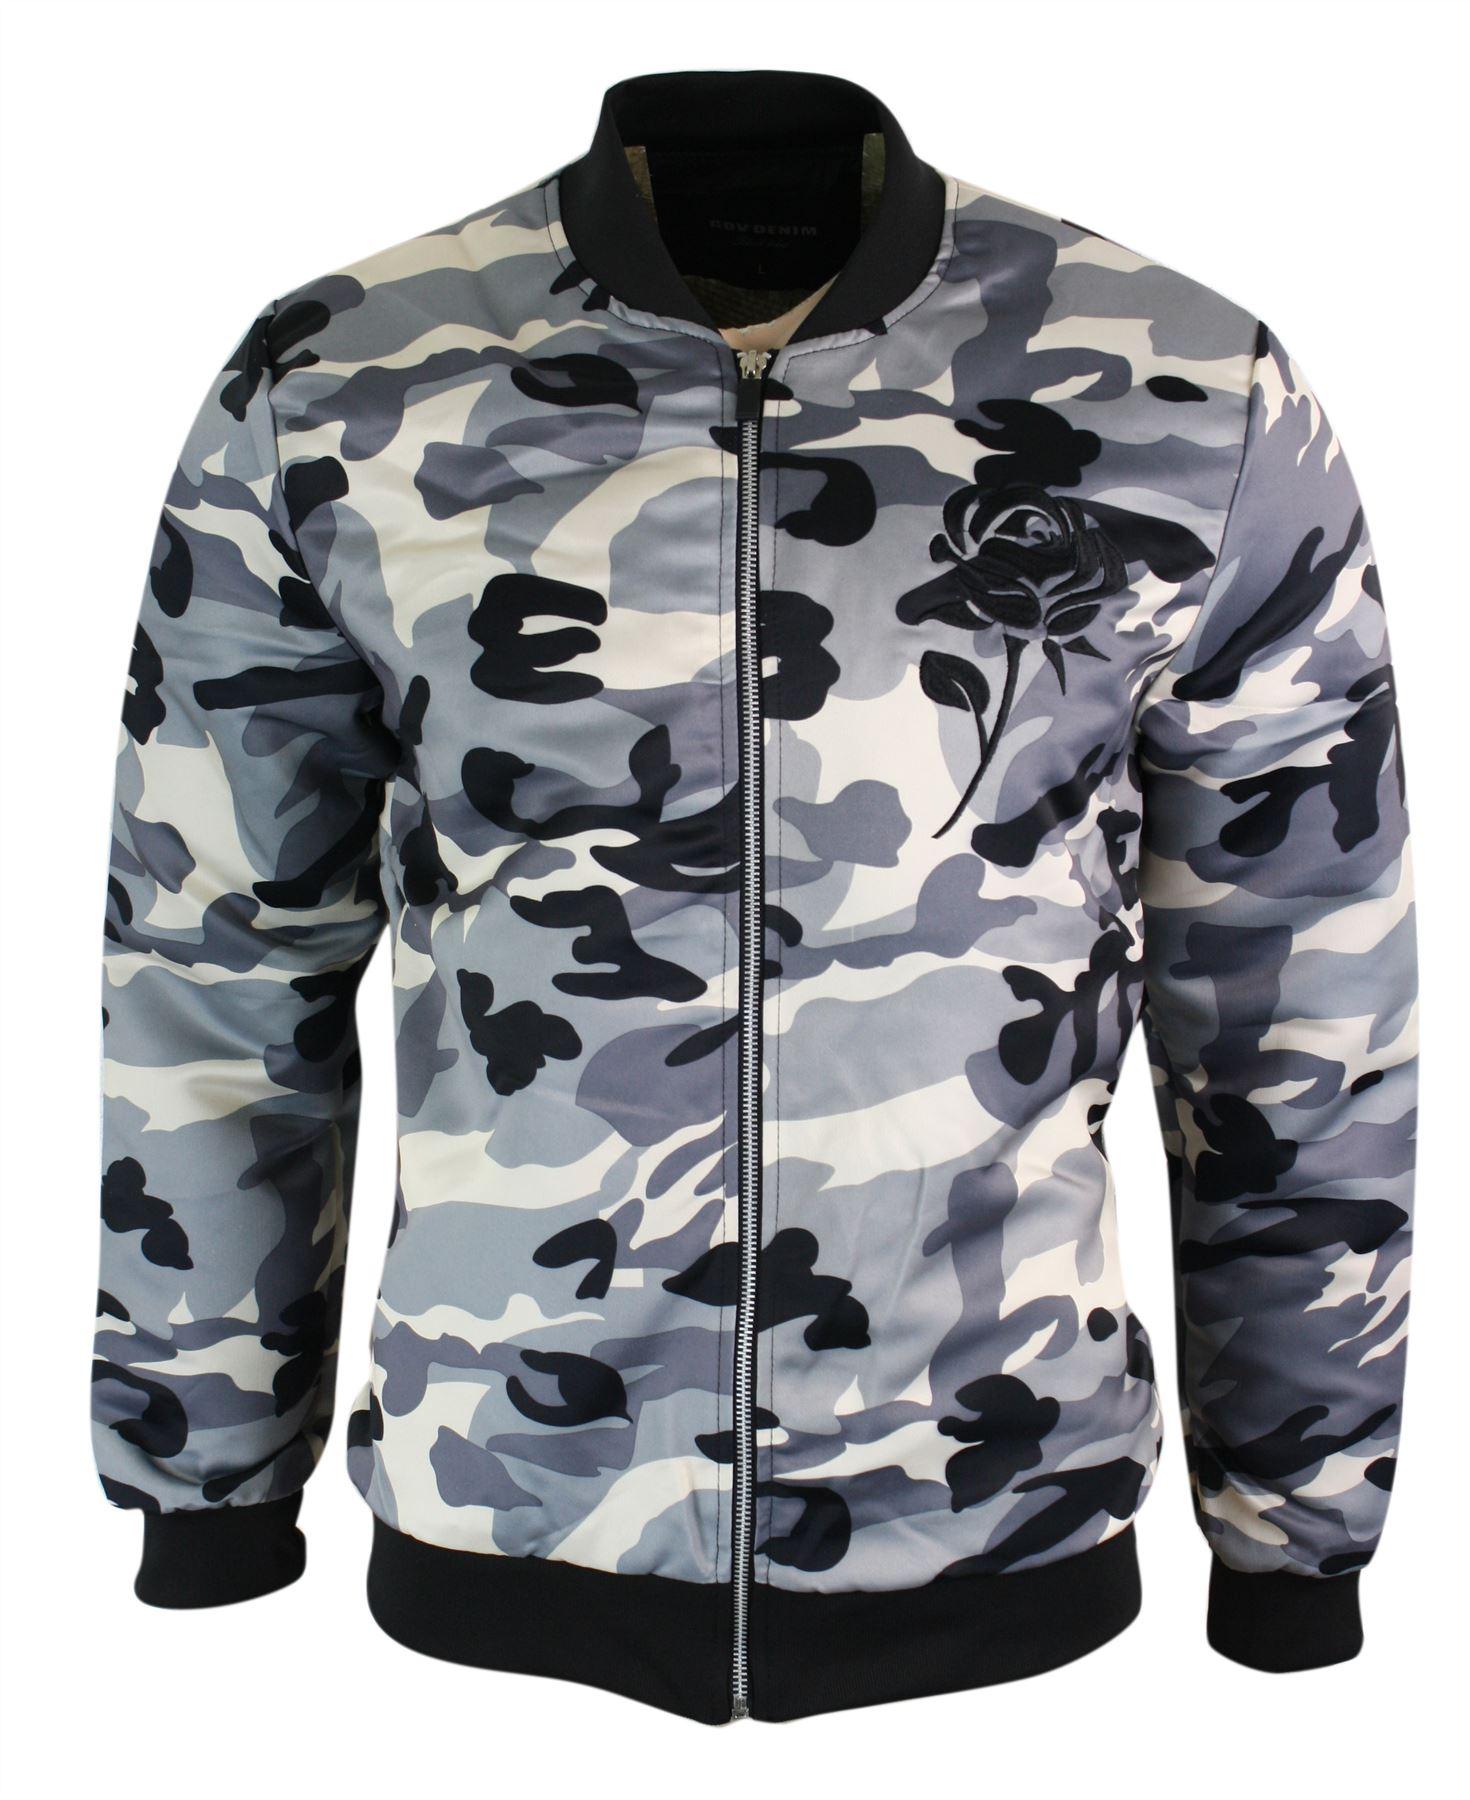 Armée Militaire Homme Ma1 Camouflage Bomber Style Blouson ZwTzqZ